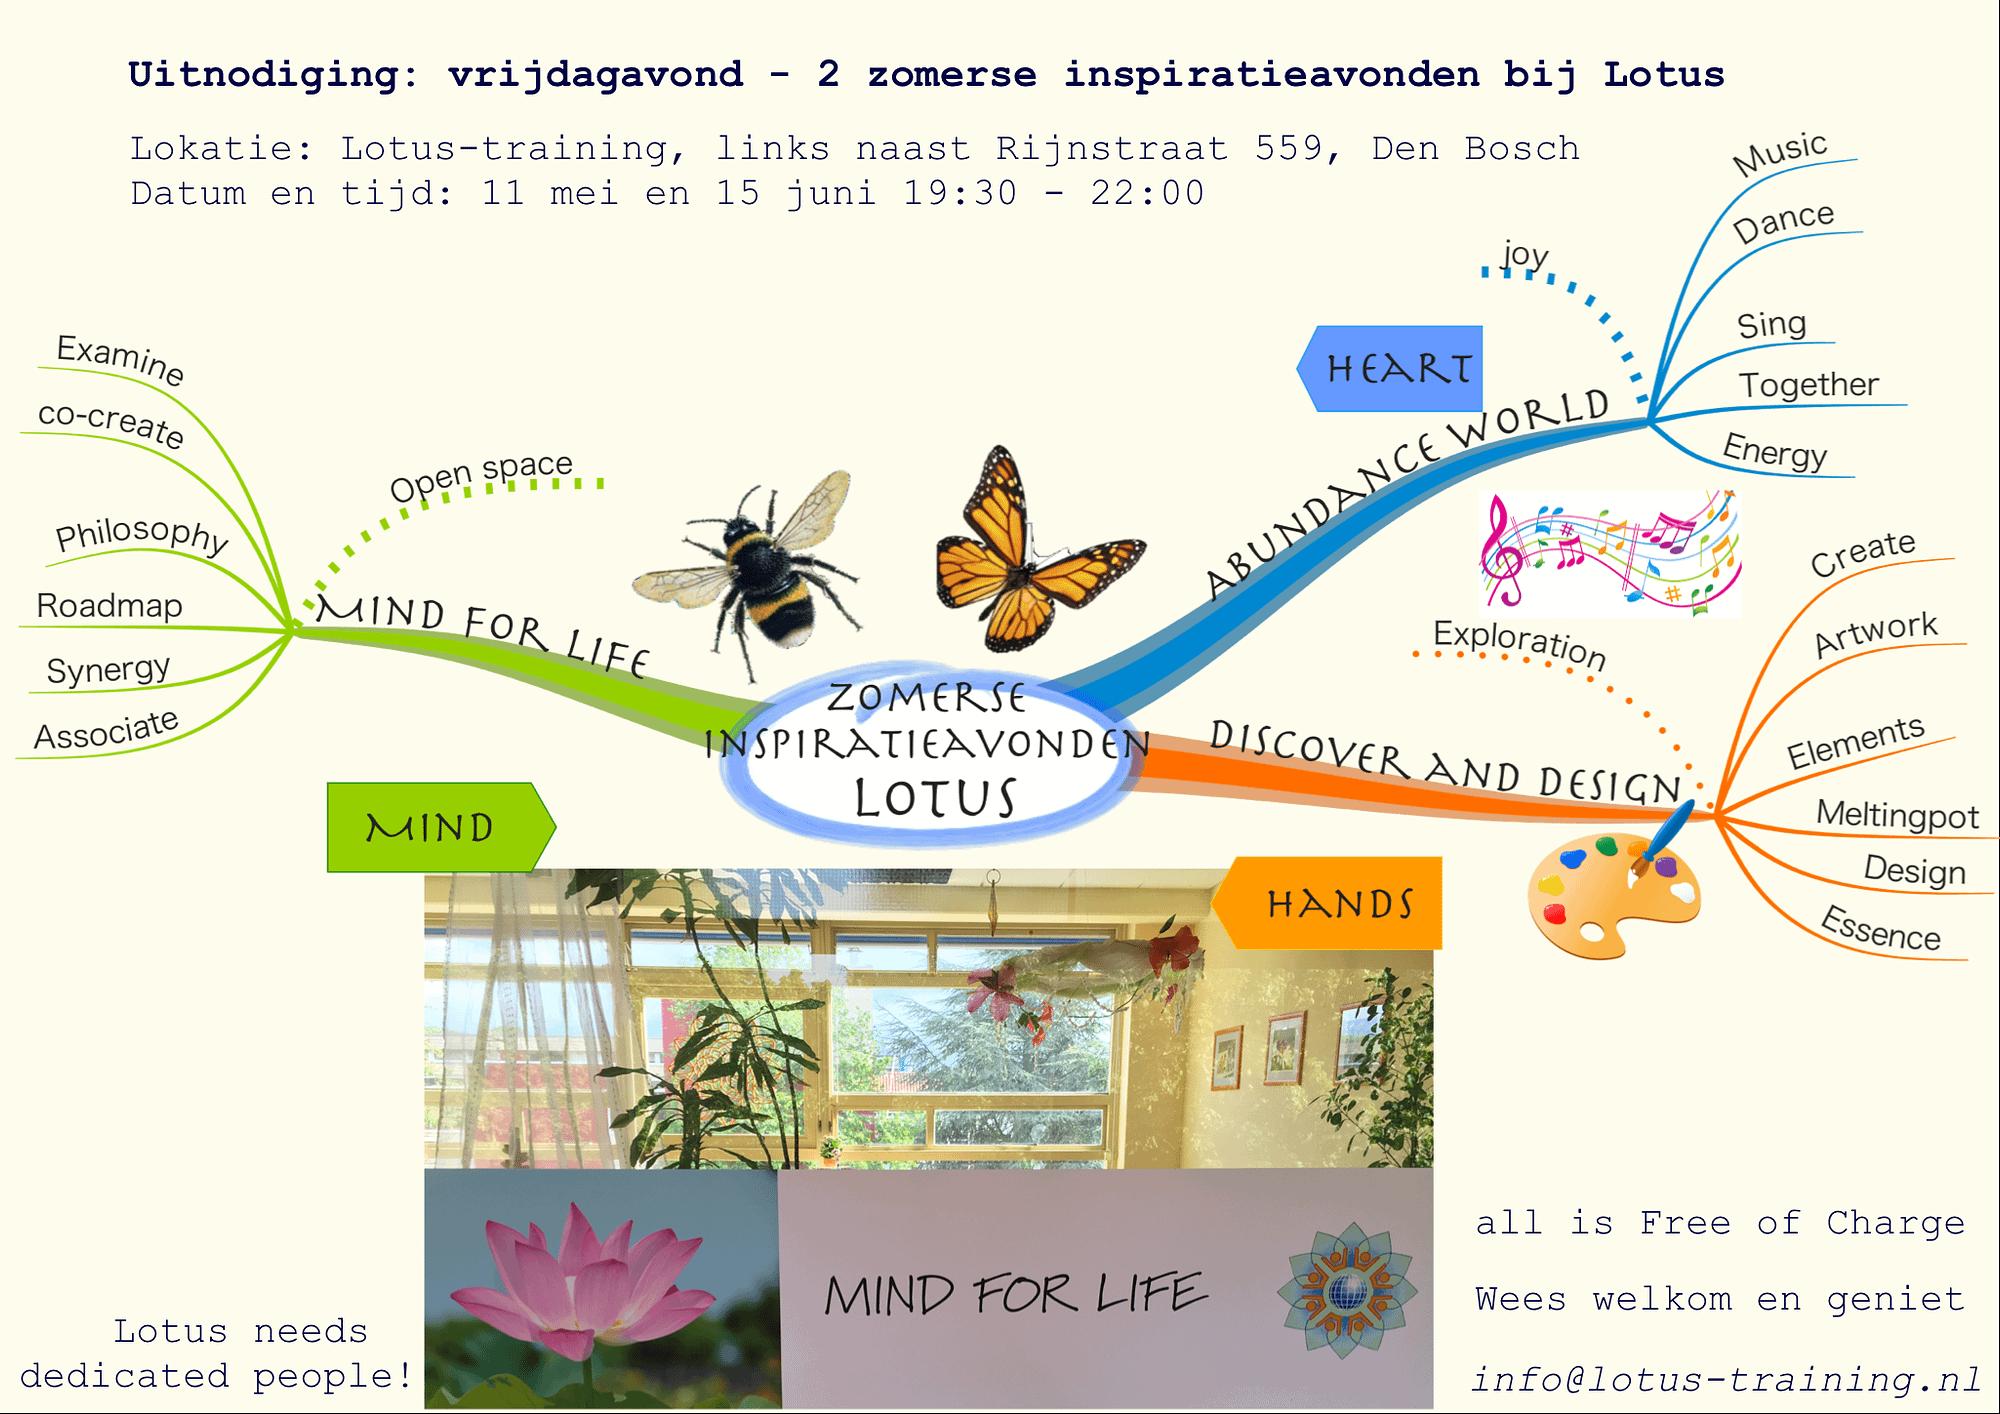 Uitnodiging voor Inspiratieavonden bij Lotus met Mindmap mind for life, abundance world en 'Discover en design'